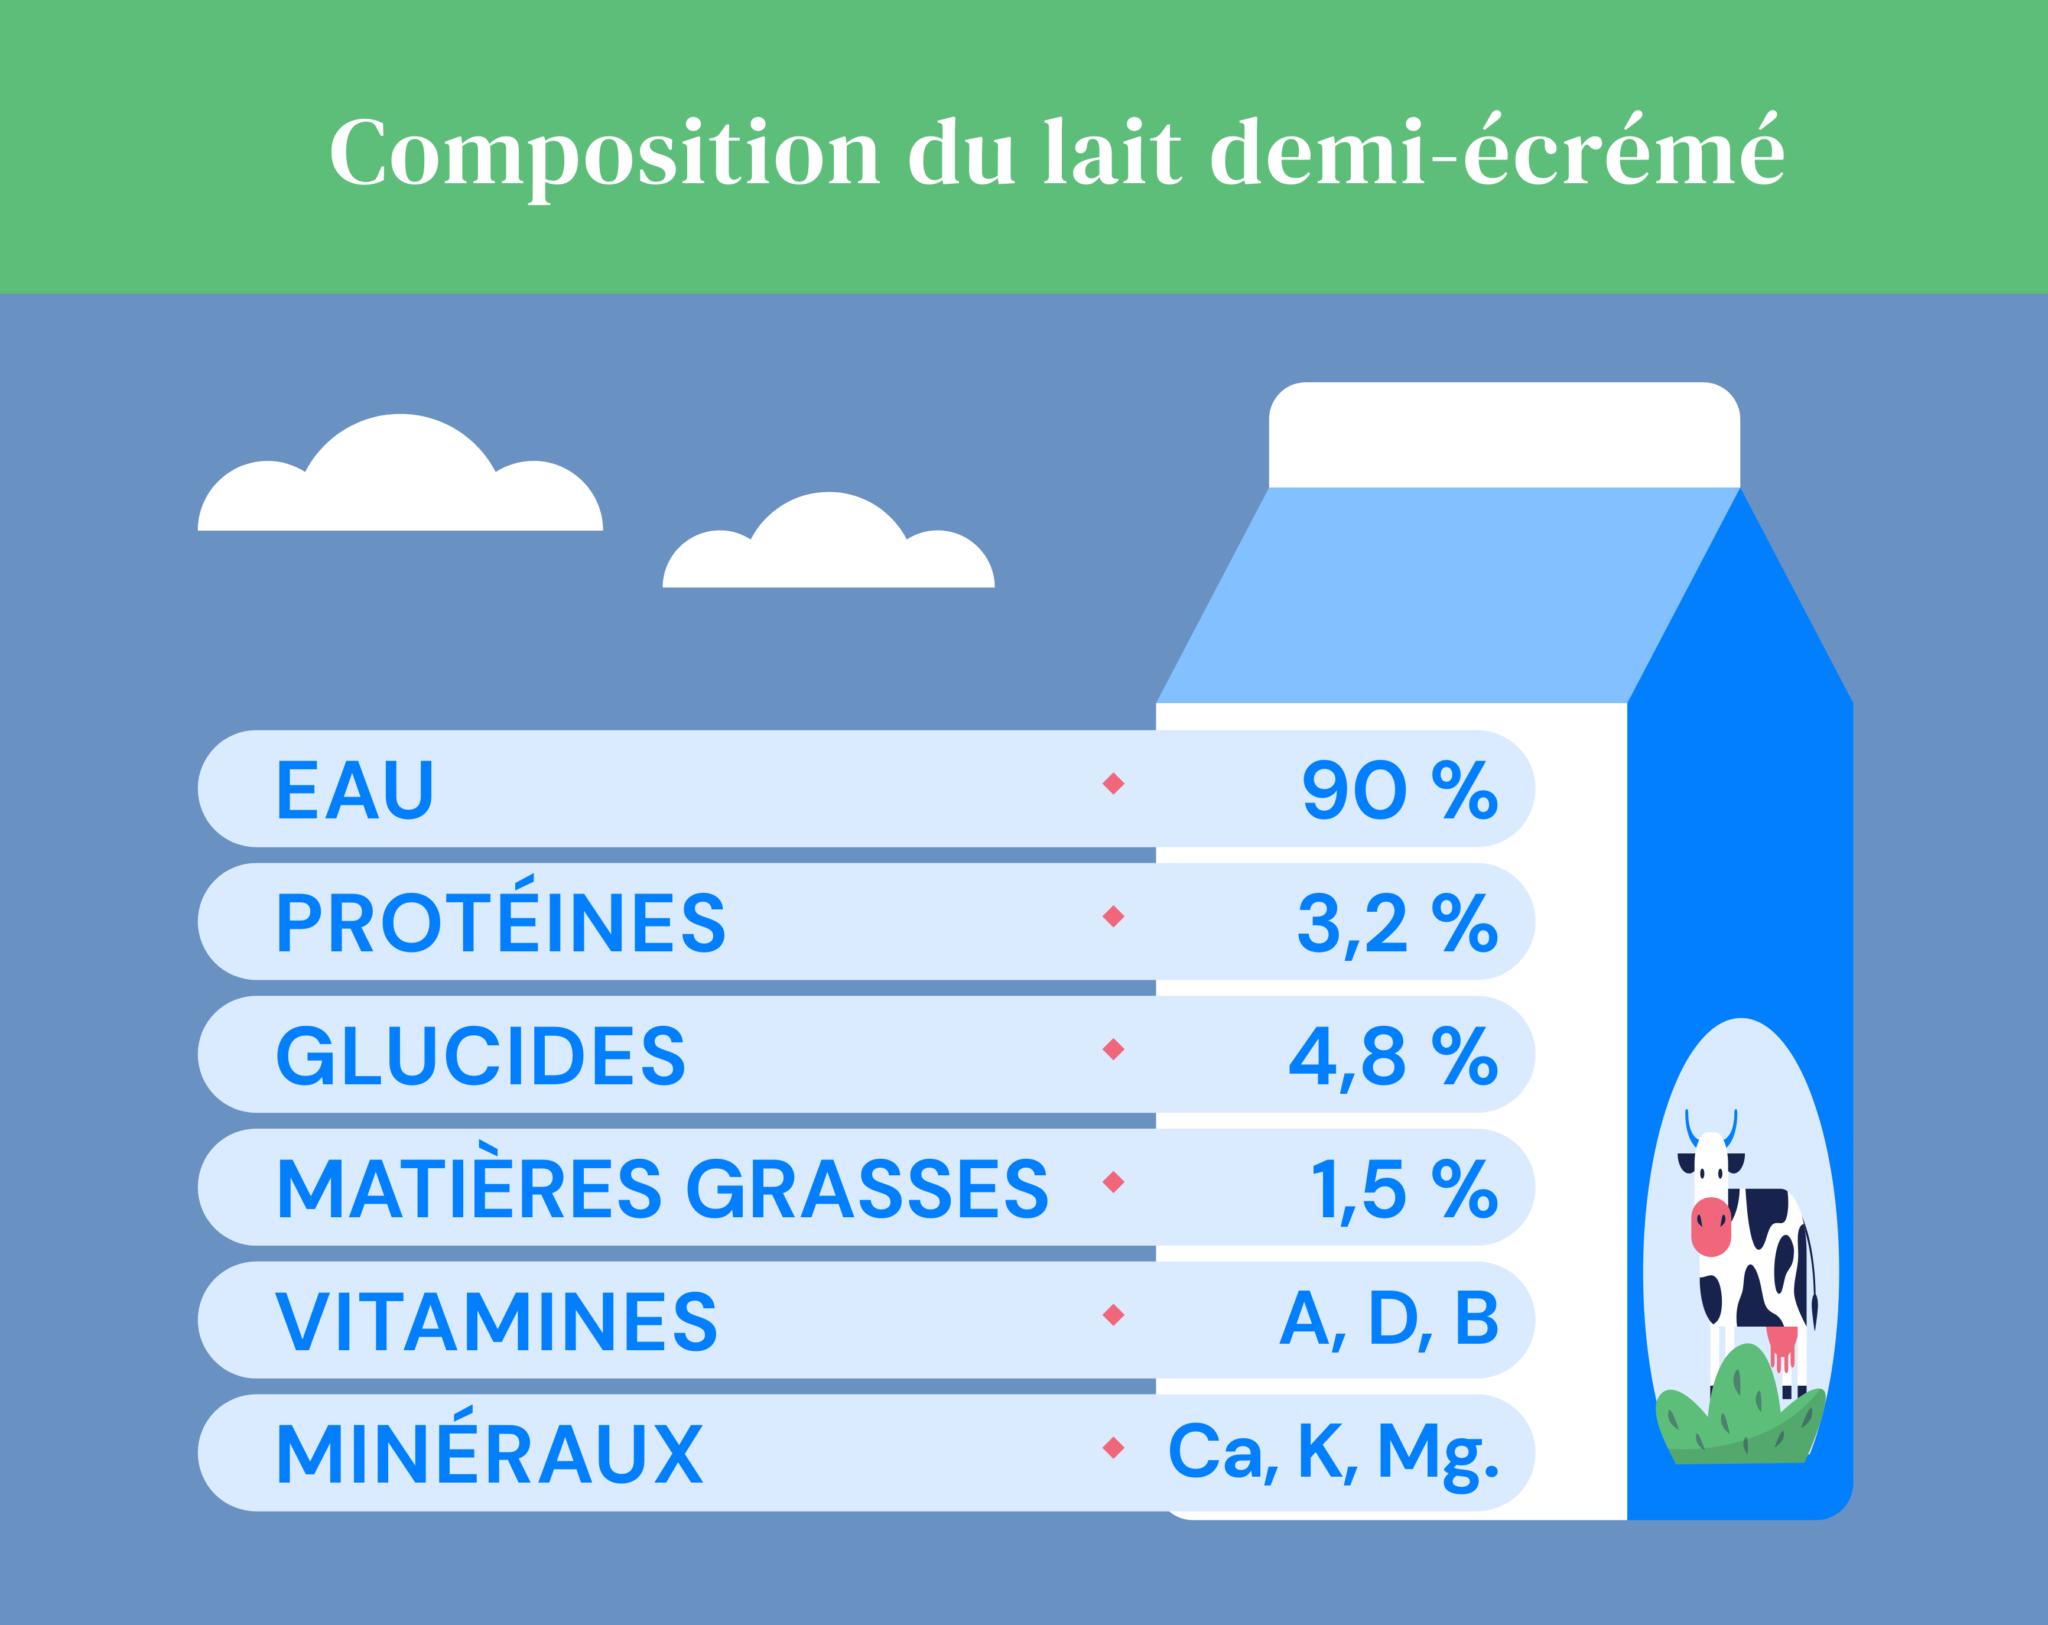 Schema de la composition du lait demi-écrémé